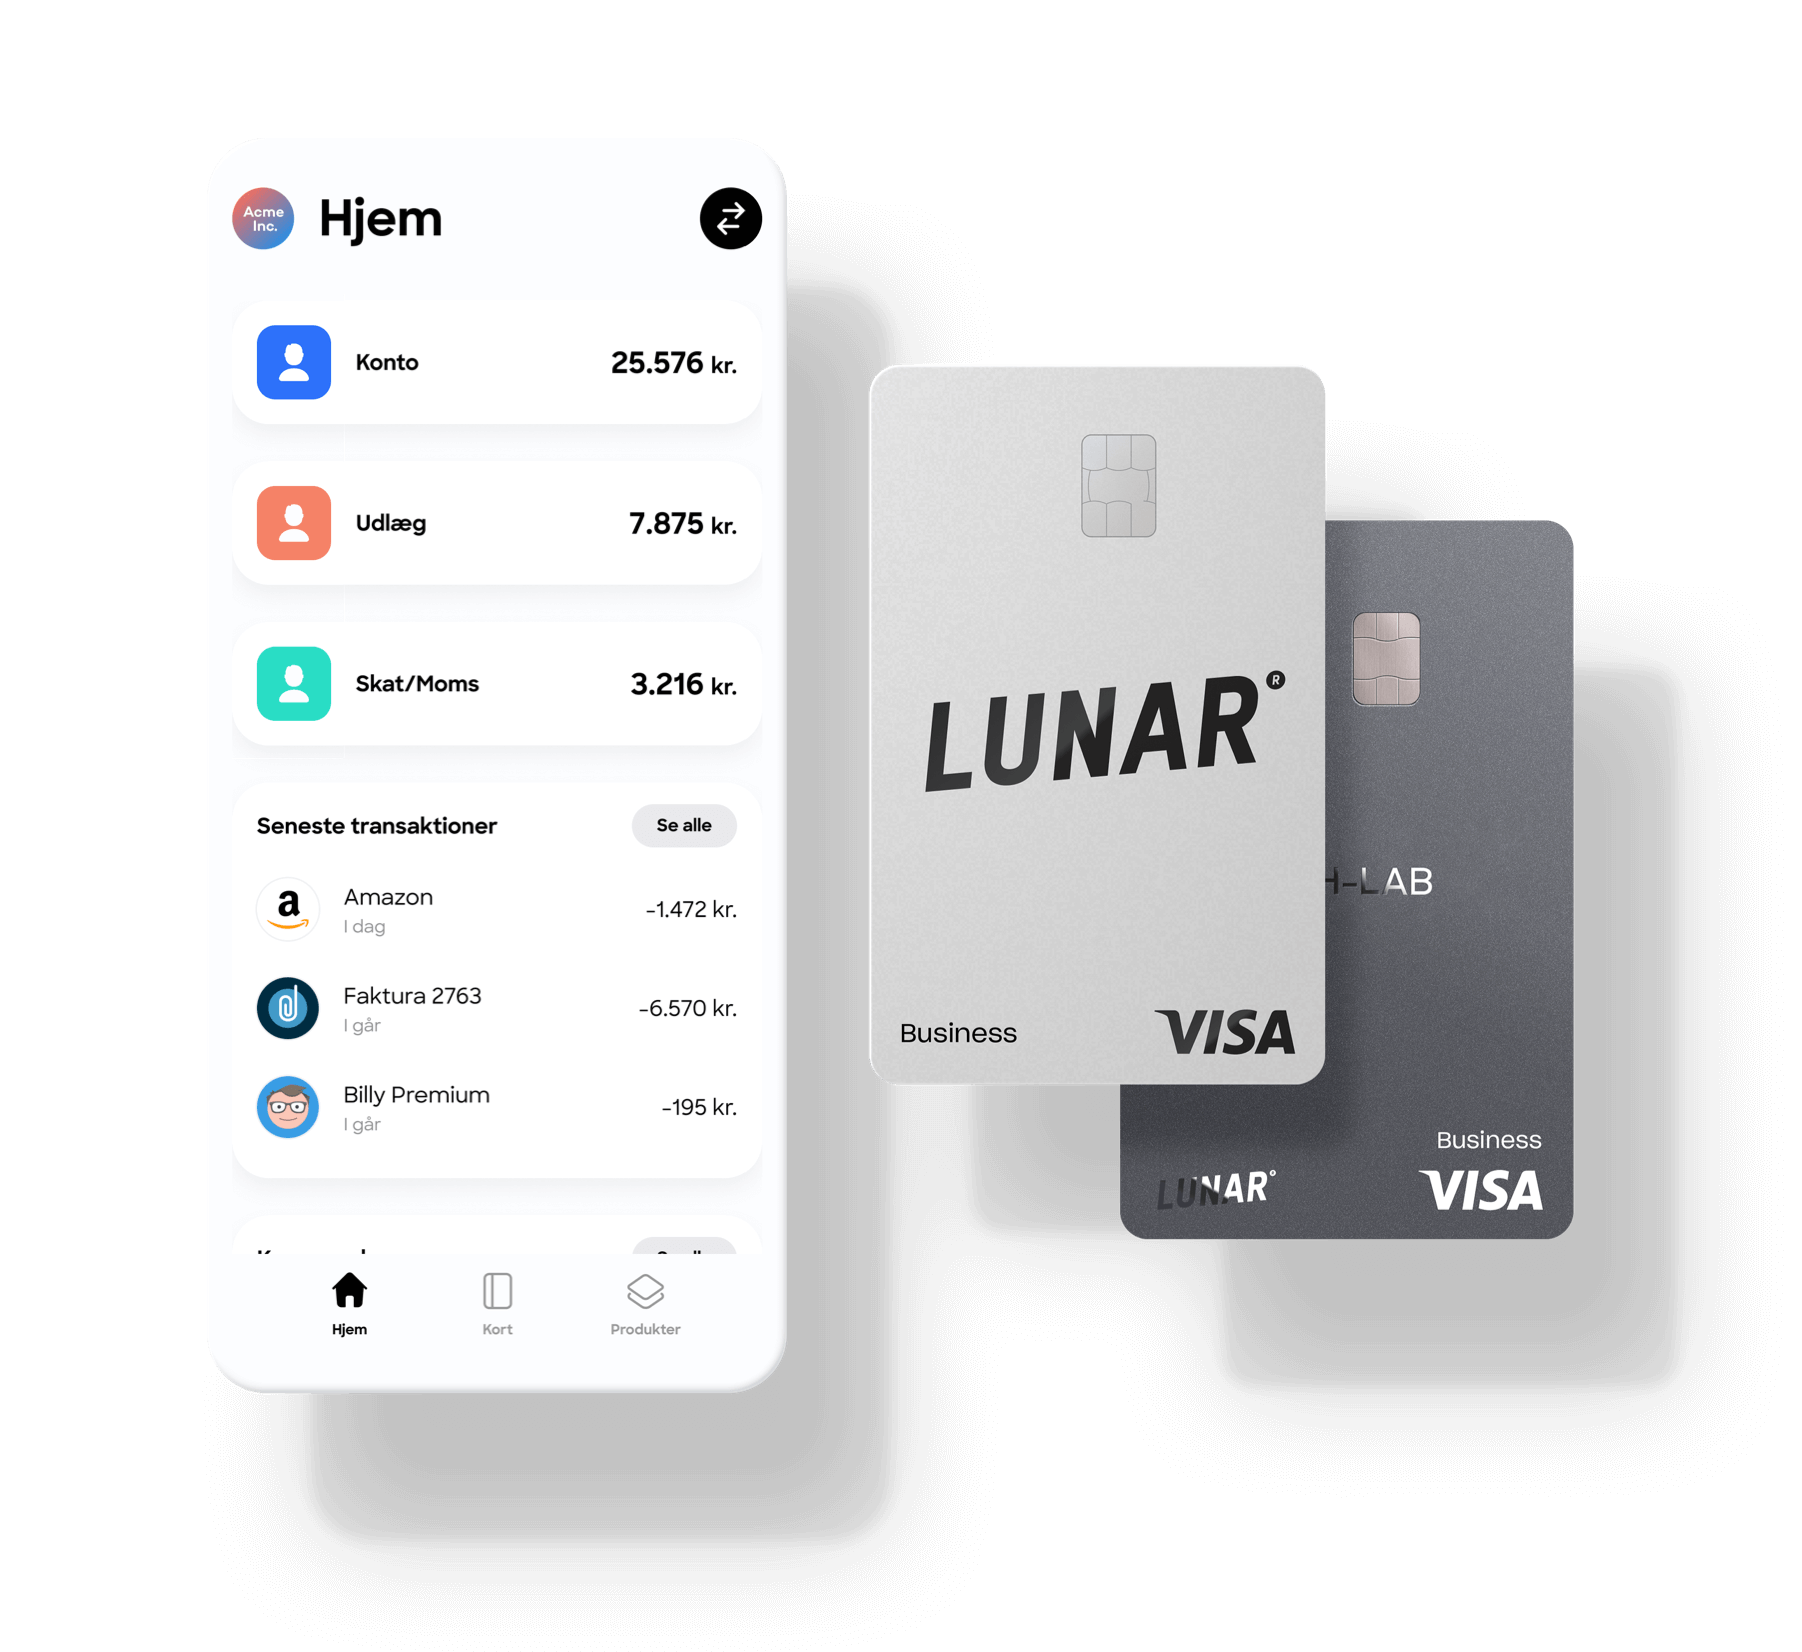 Lunar Business erhvervskonto og kort